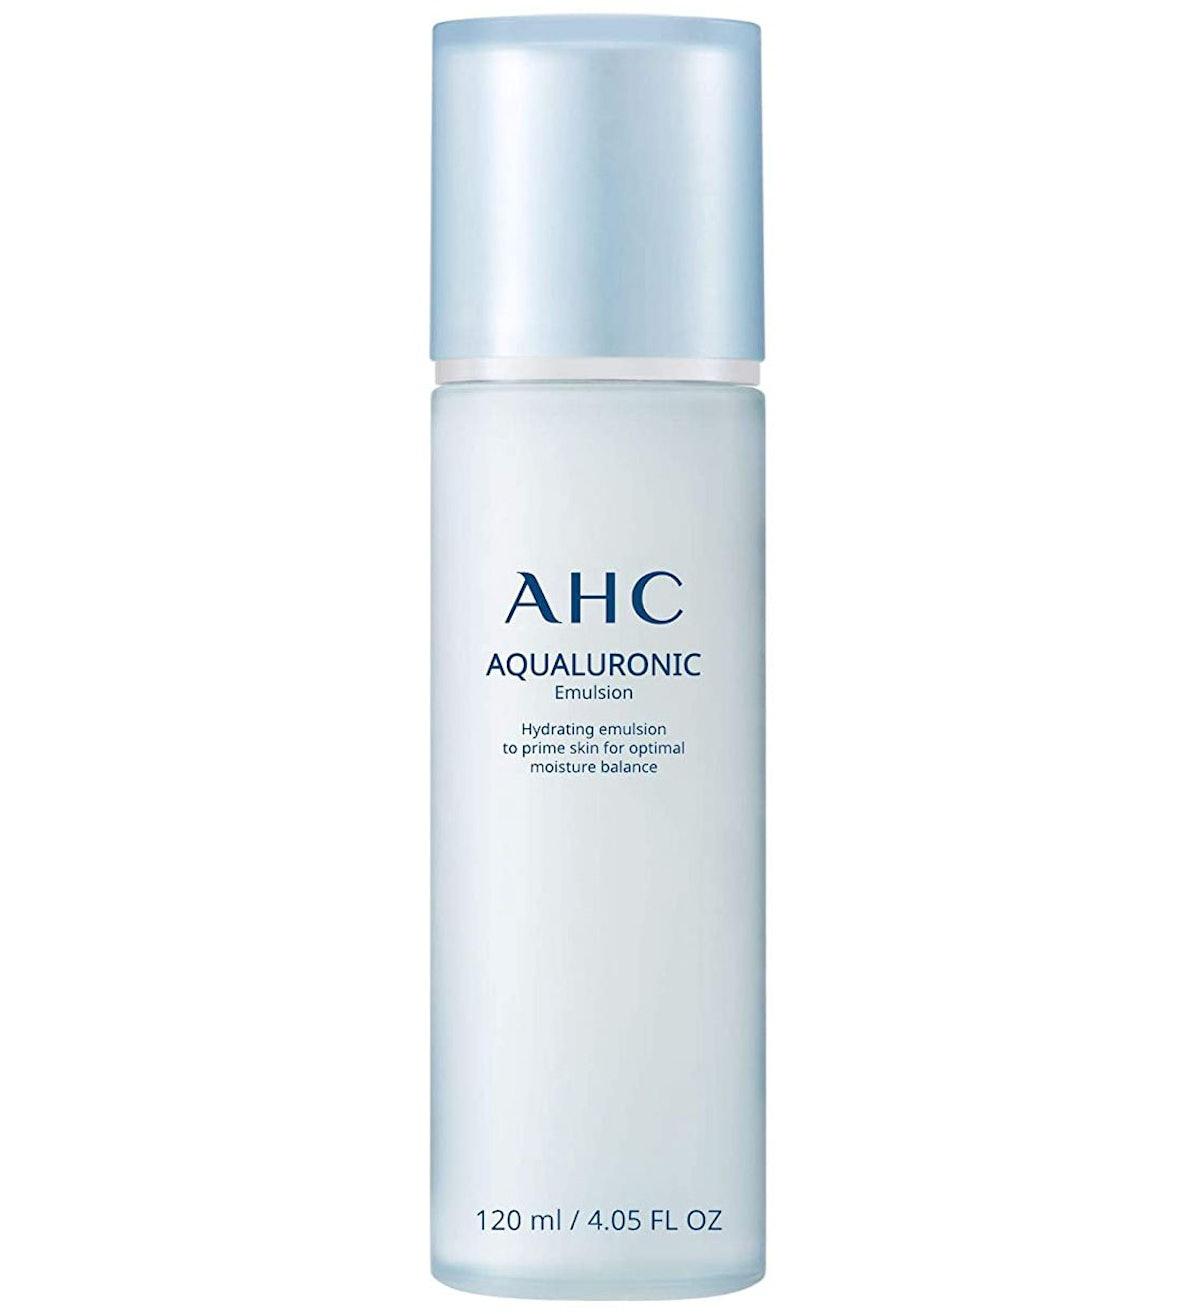 AHC Aqualuronic Emulsion